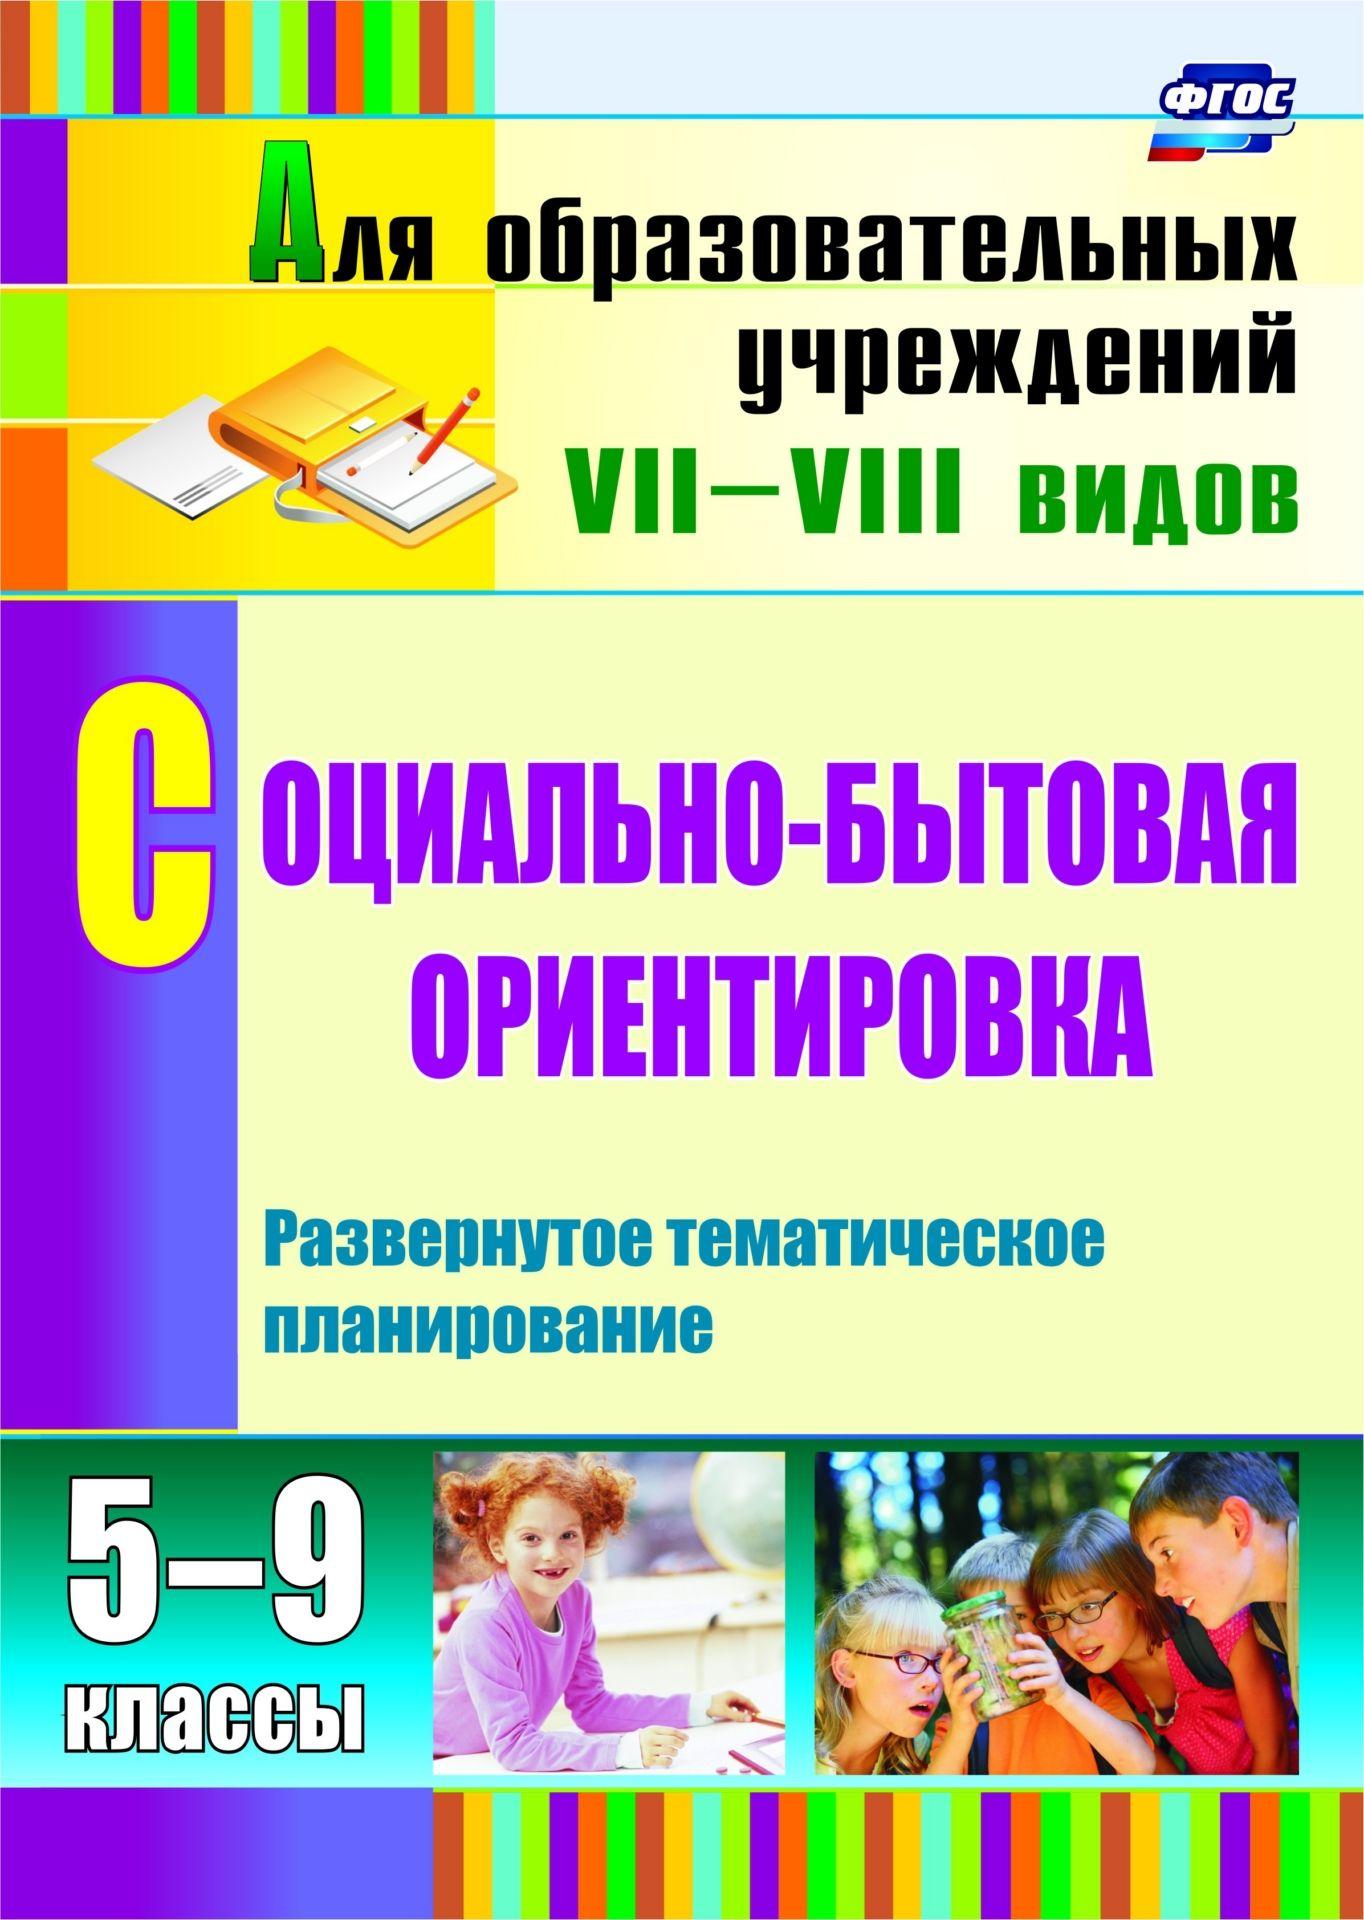 Социально-бытовая ориентировка. 5-9 классы: развернутое тематическое планирование